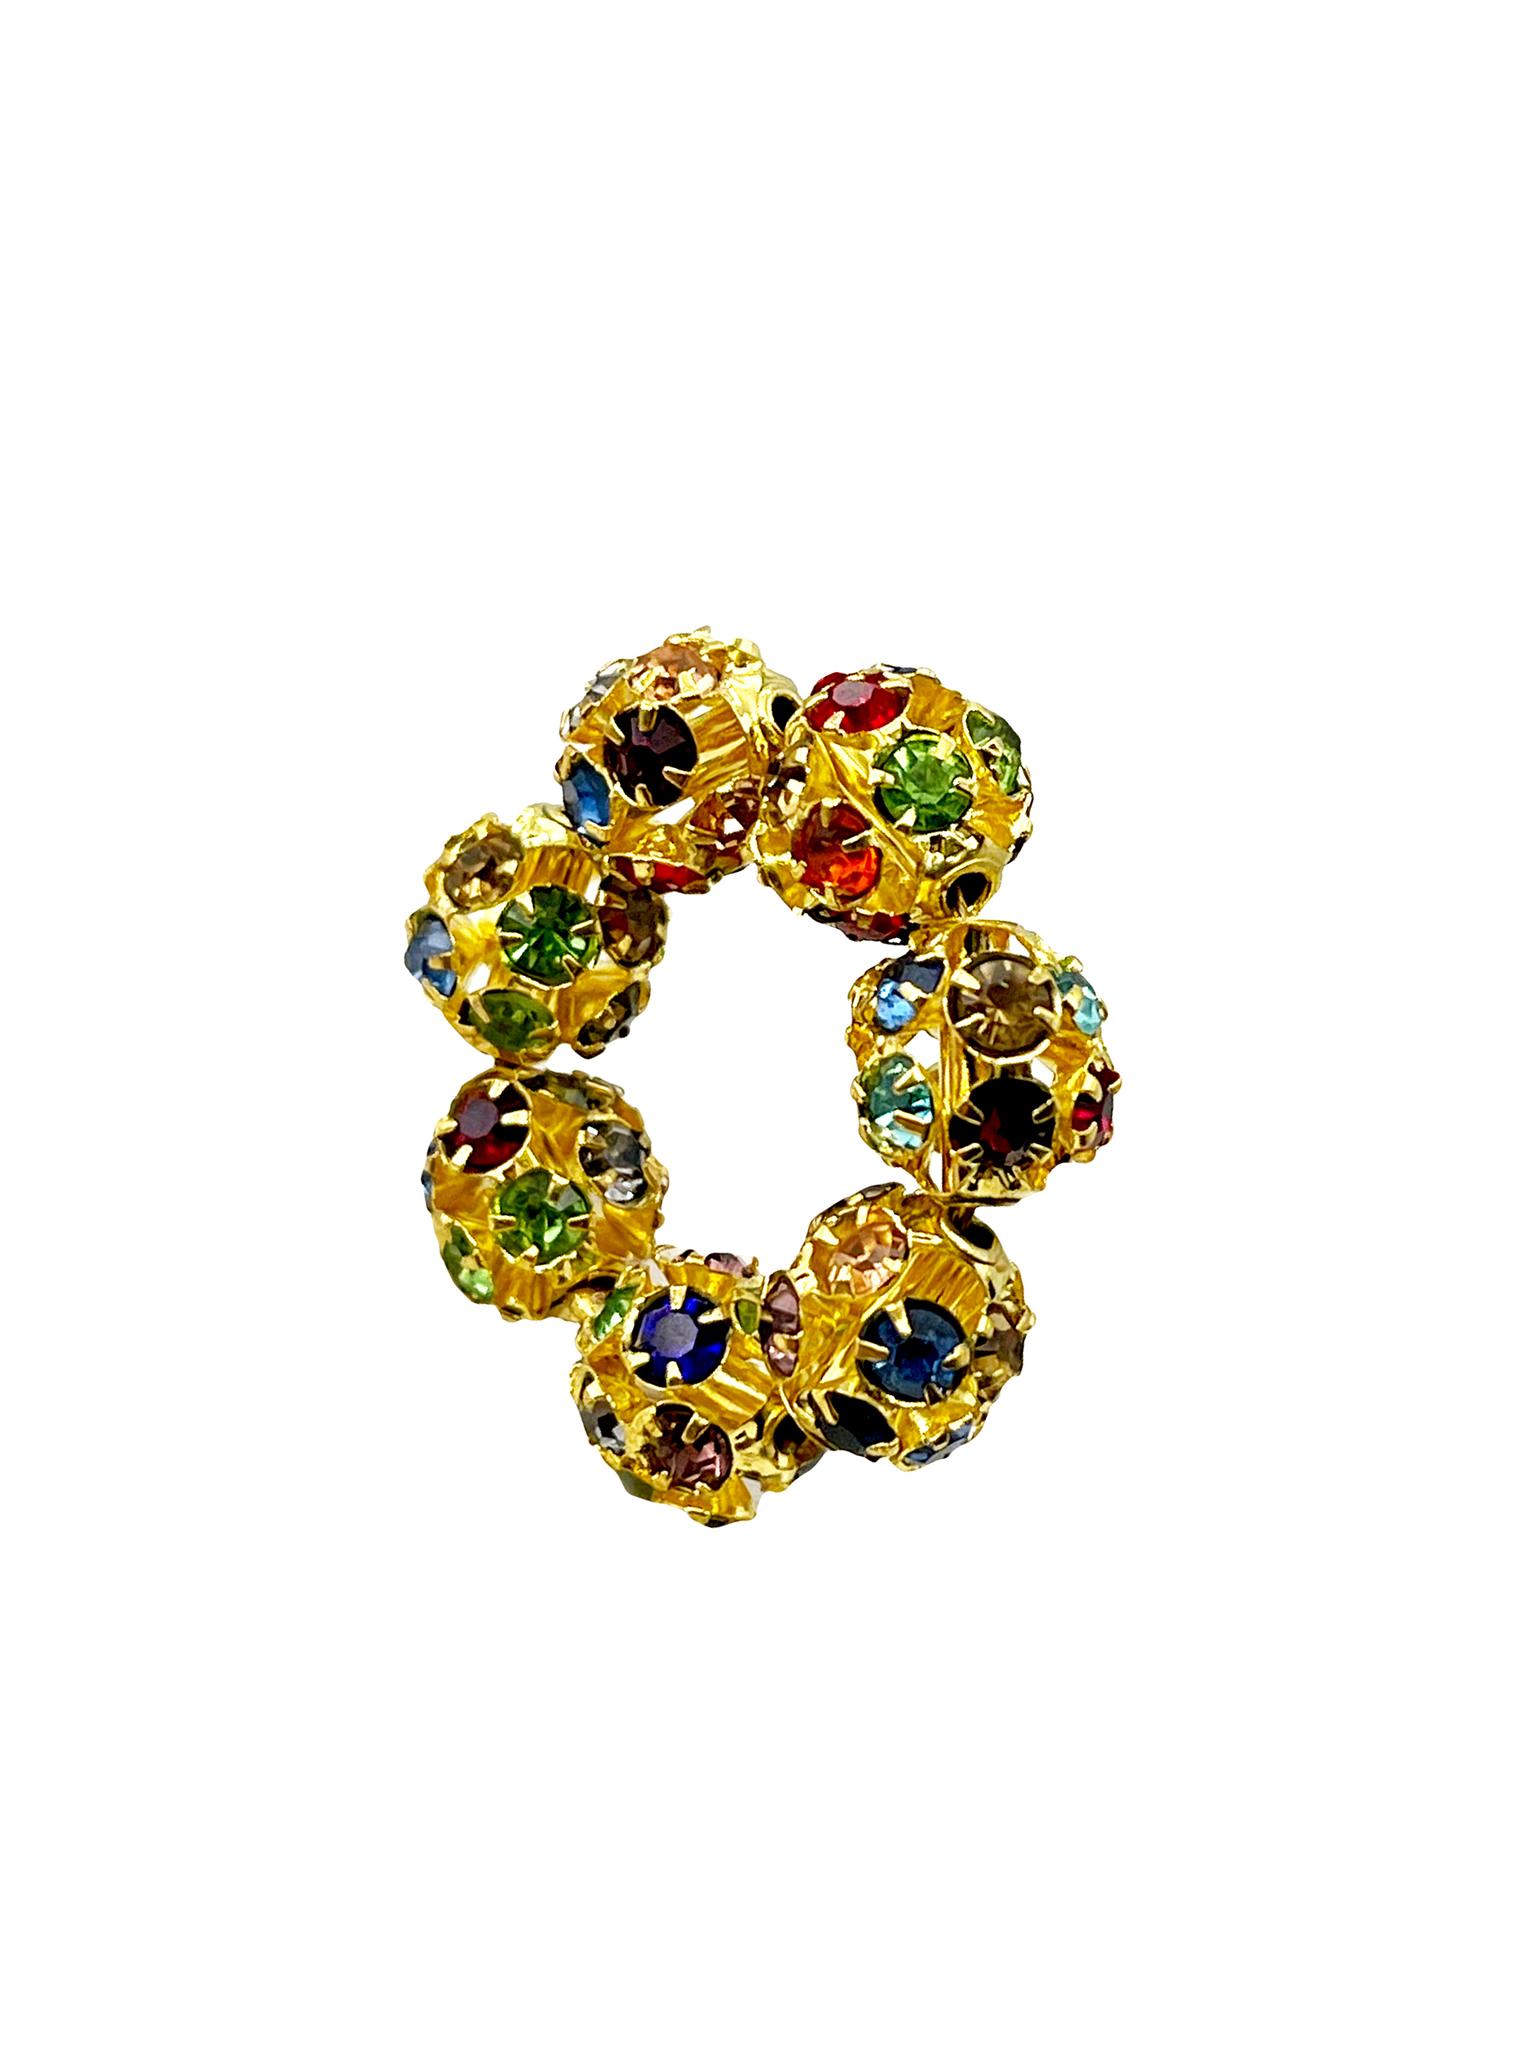 Подвеска Кольцо из сверкающих бусин 8 мм / multicolor /